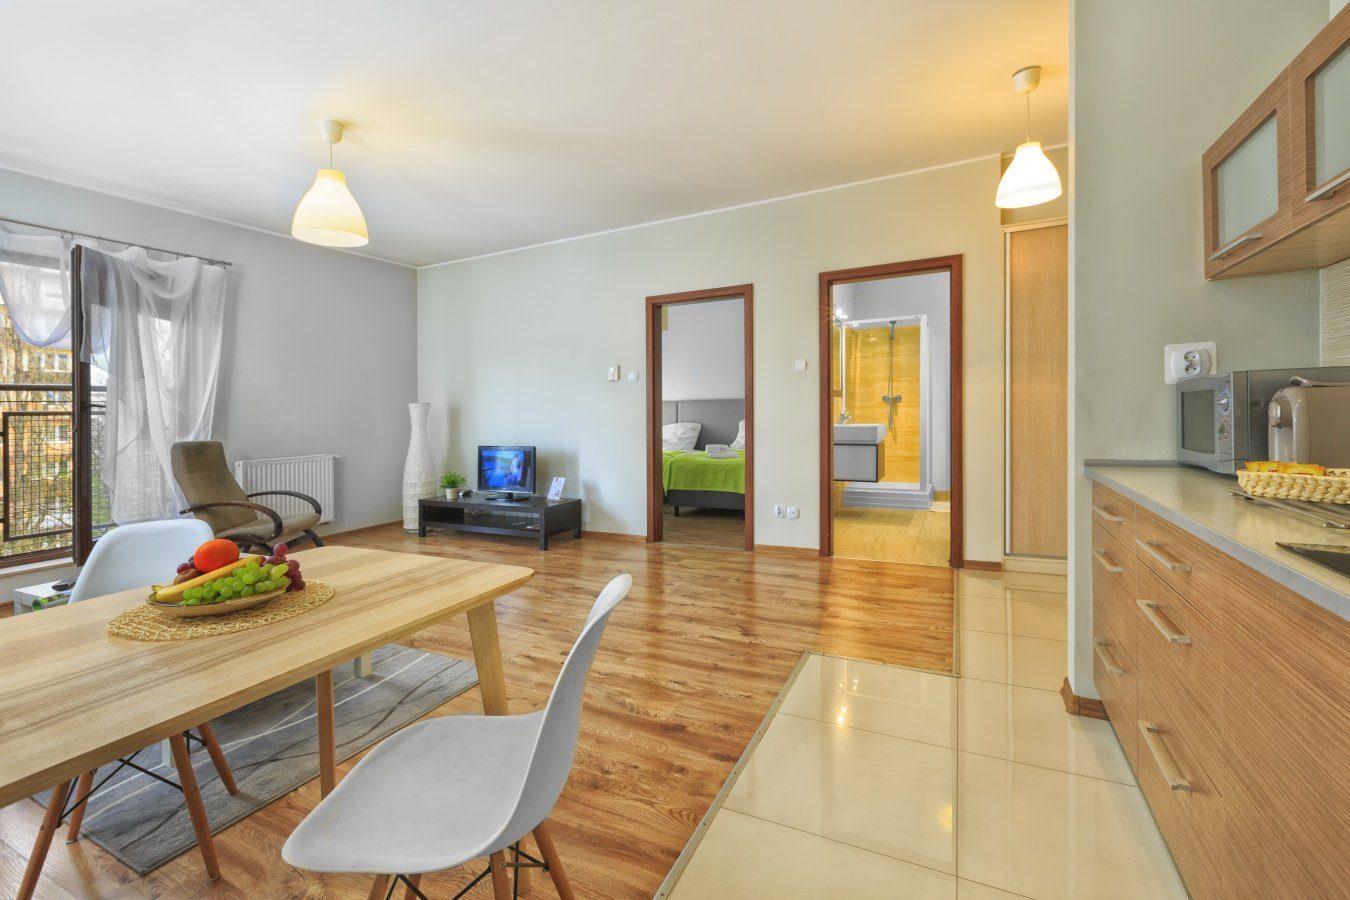 Kitchen at Zeligowskiego Apartments